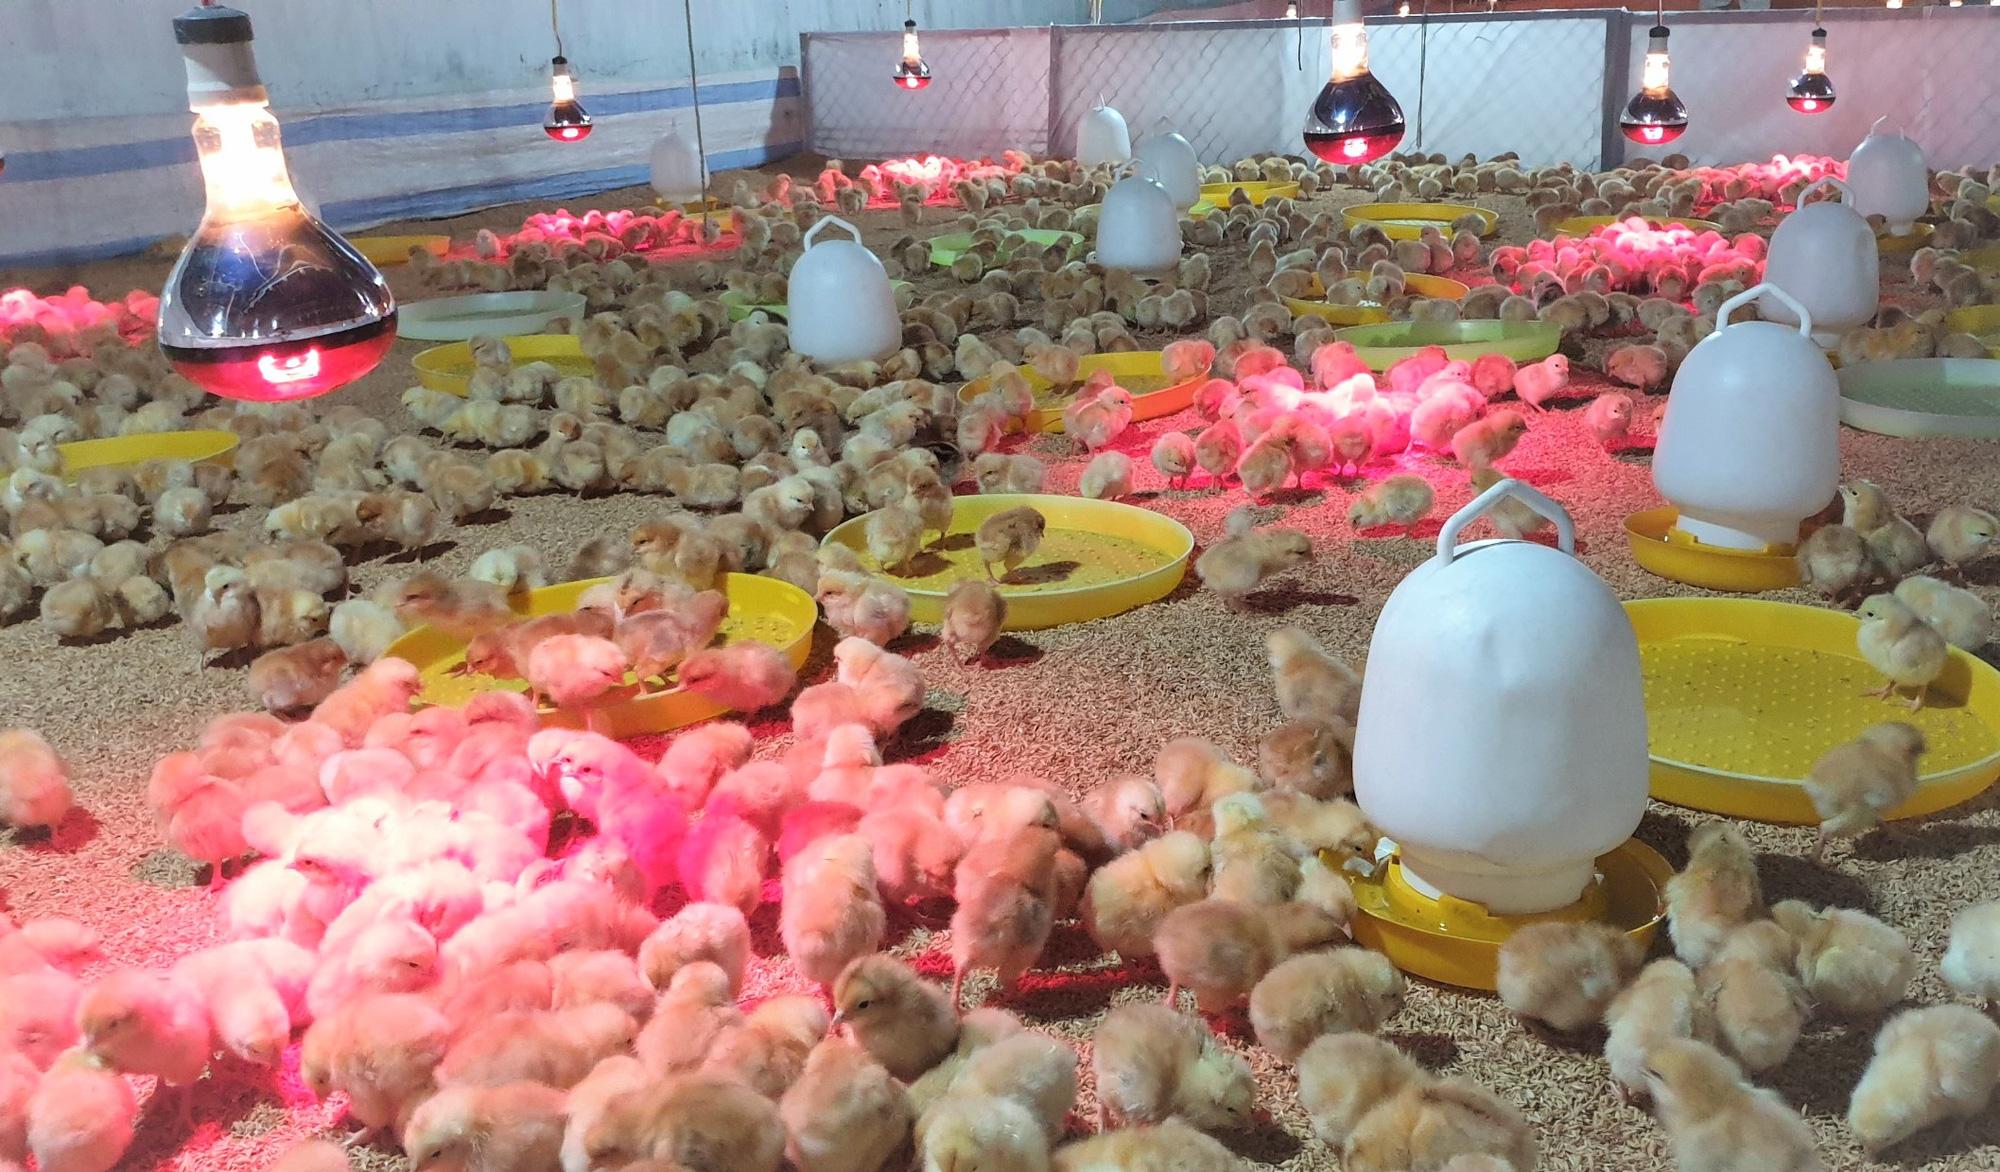 Cần nâng cao vị thế ngành gia cầm Việt Nam, hướng tới xuất khẩu - Ảnh 2.